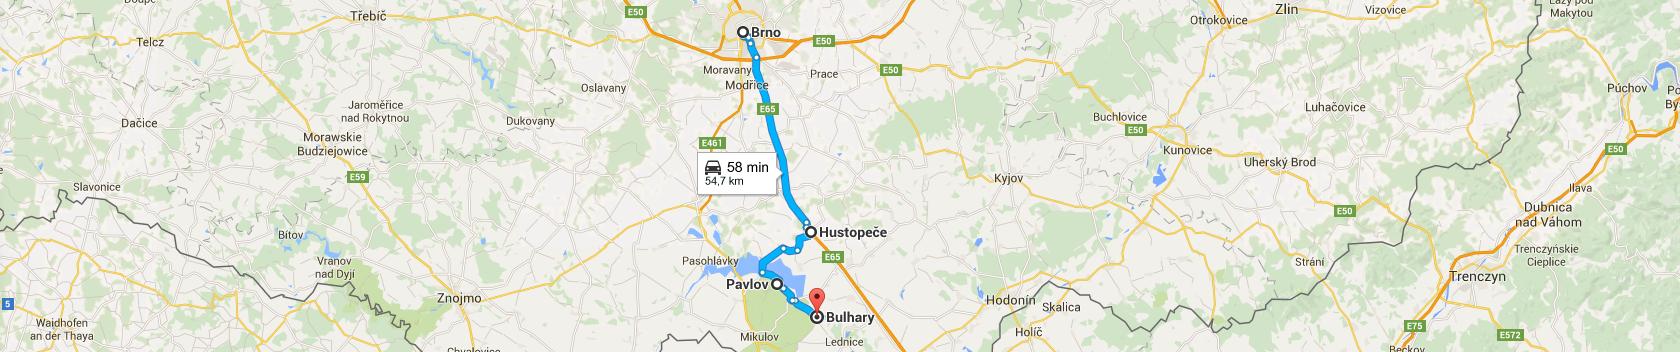 Trasa z Brna do wsi Bulhary